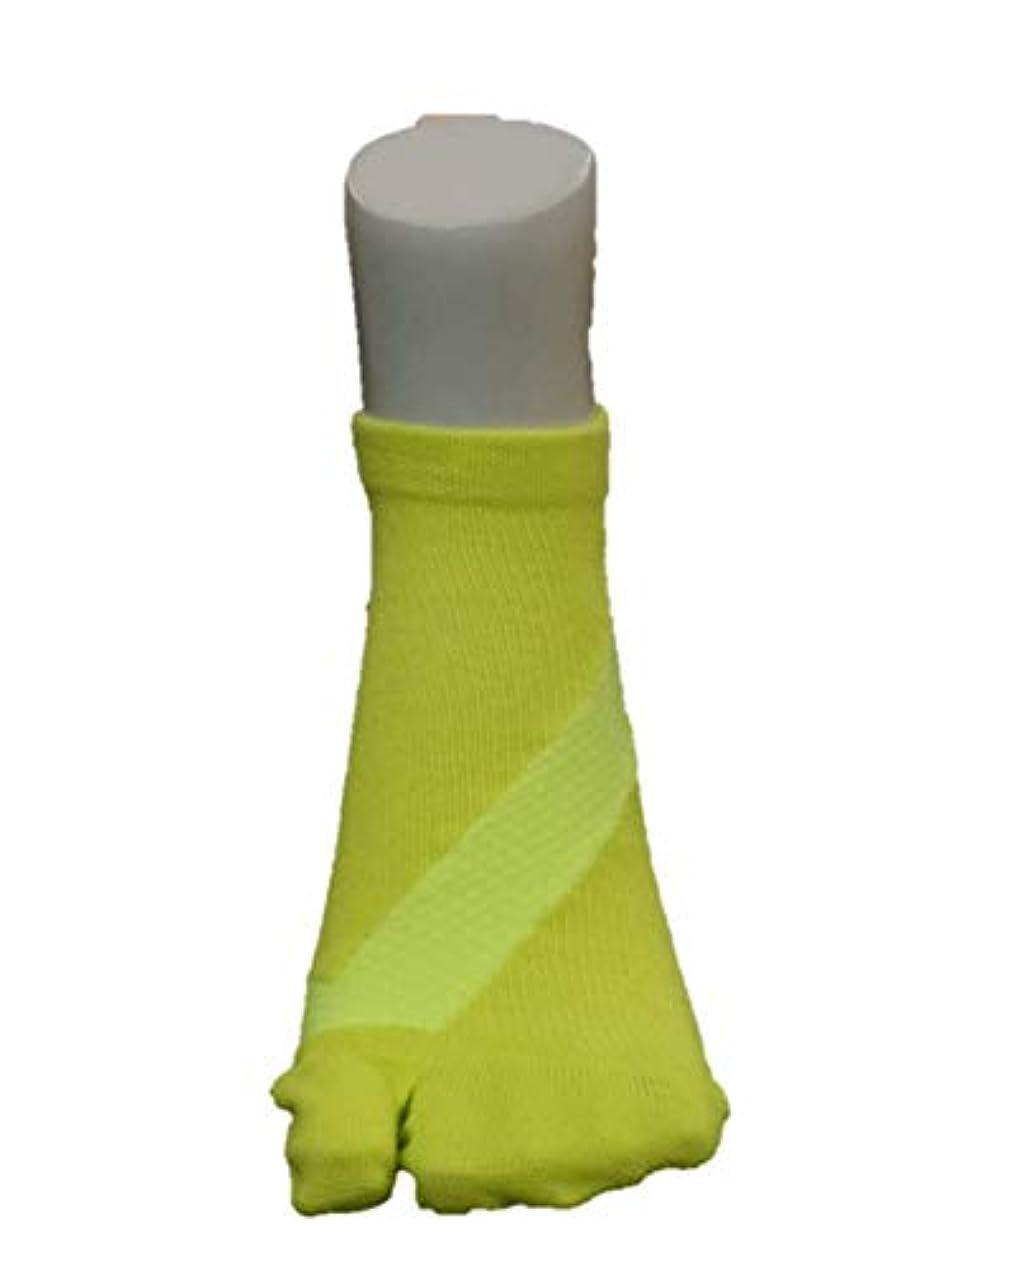 発動機ご予約霧さとう式 フレクサーソックス アンクル 黄色 (S 22-24)